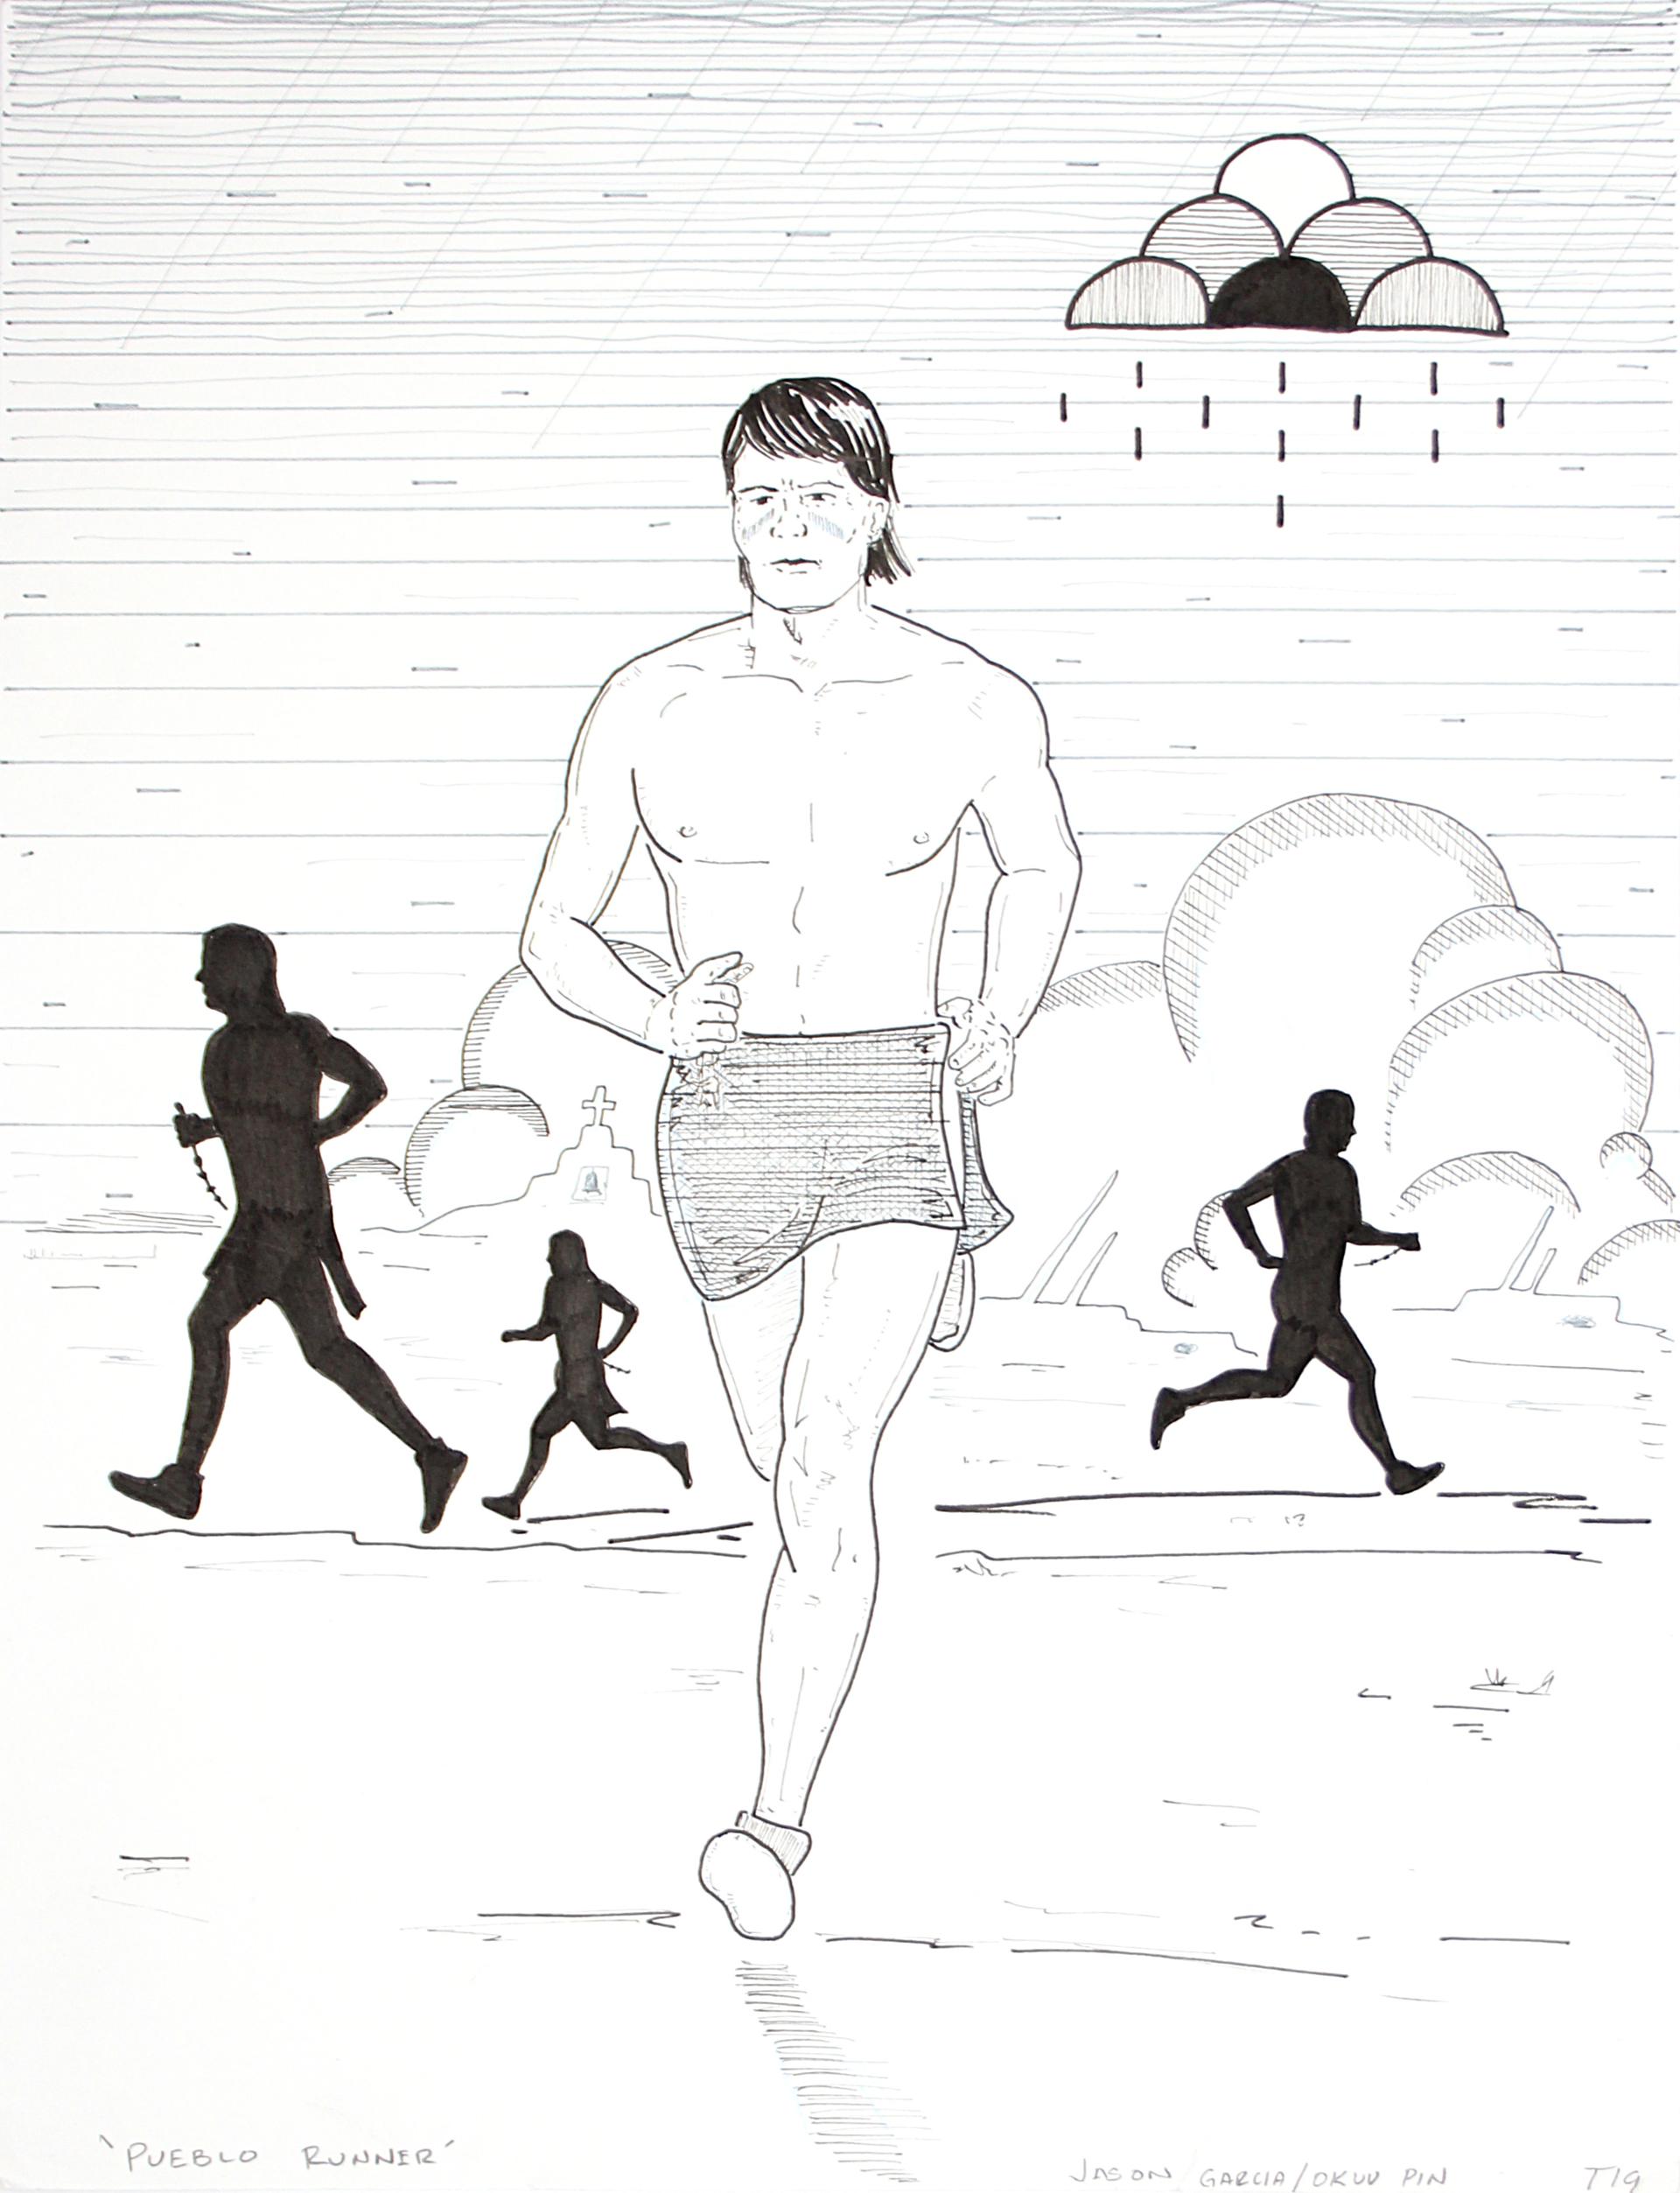 Pueblo Runner by Jason Garcia